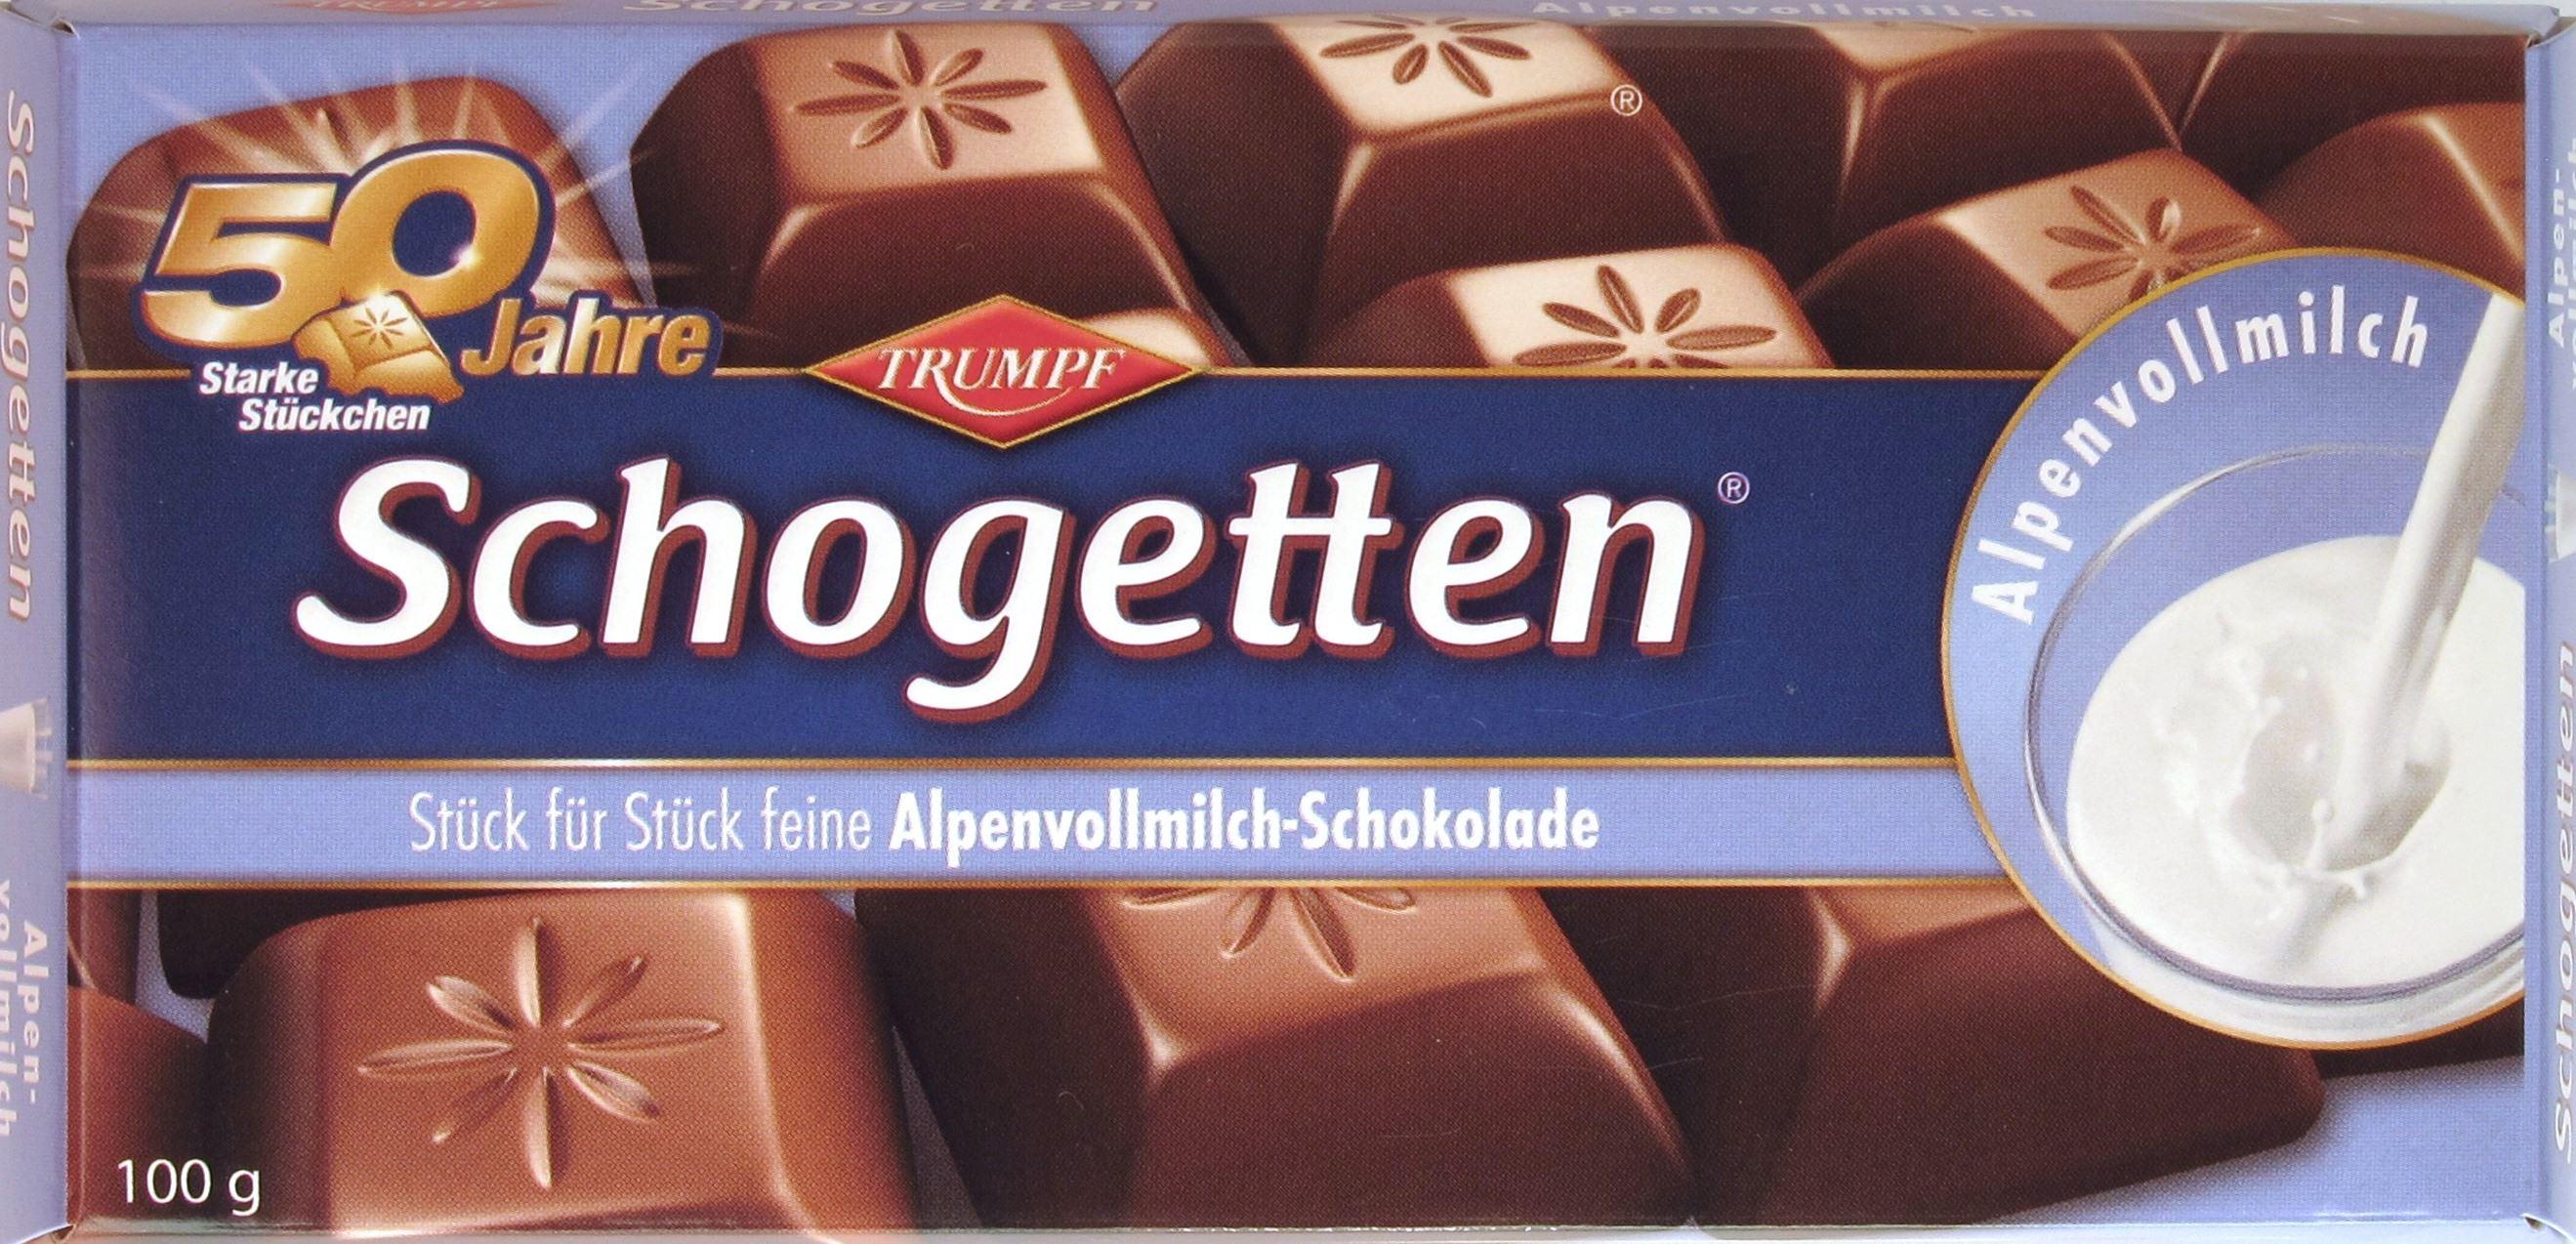 Eine Packung Schogetten Alpenvollmilchschokolade (2012)